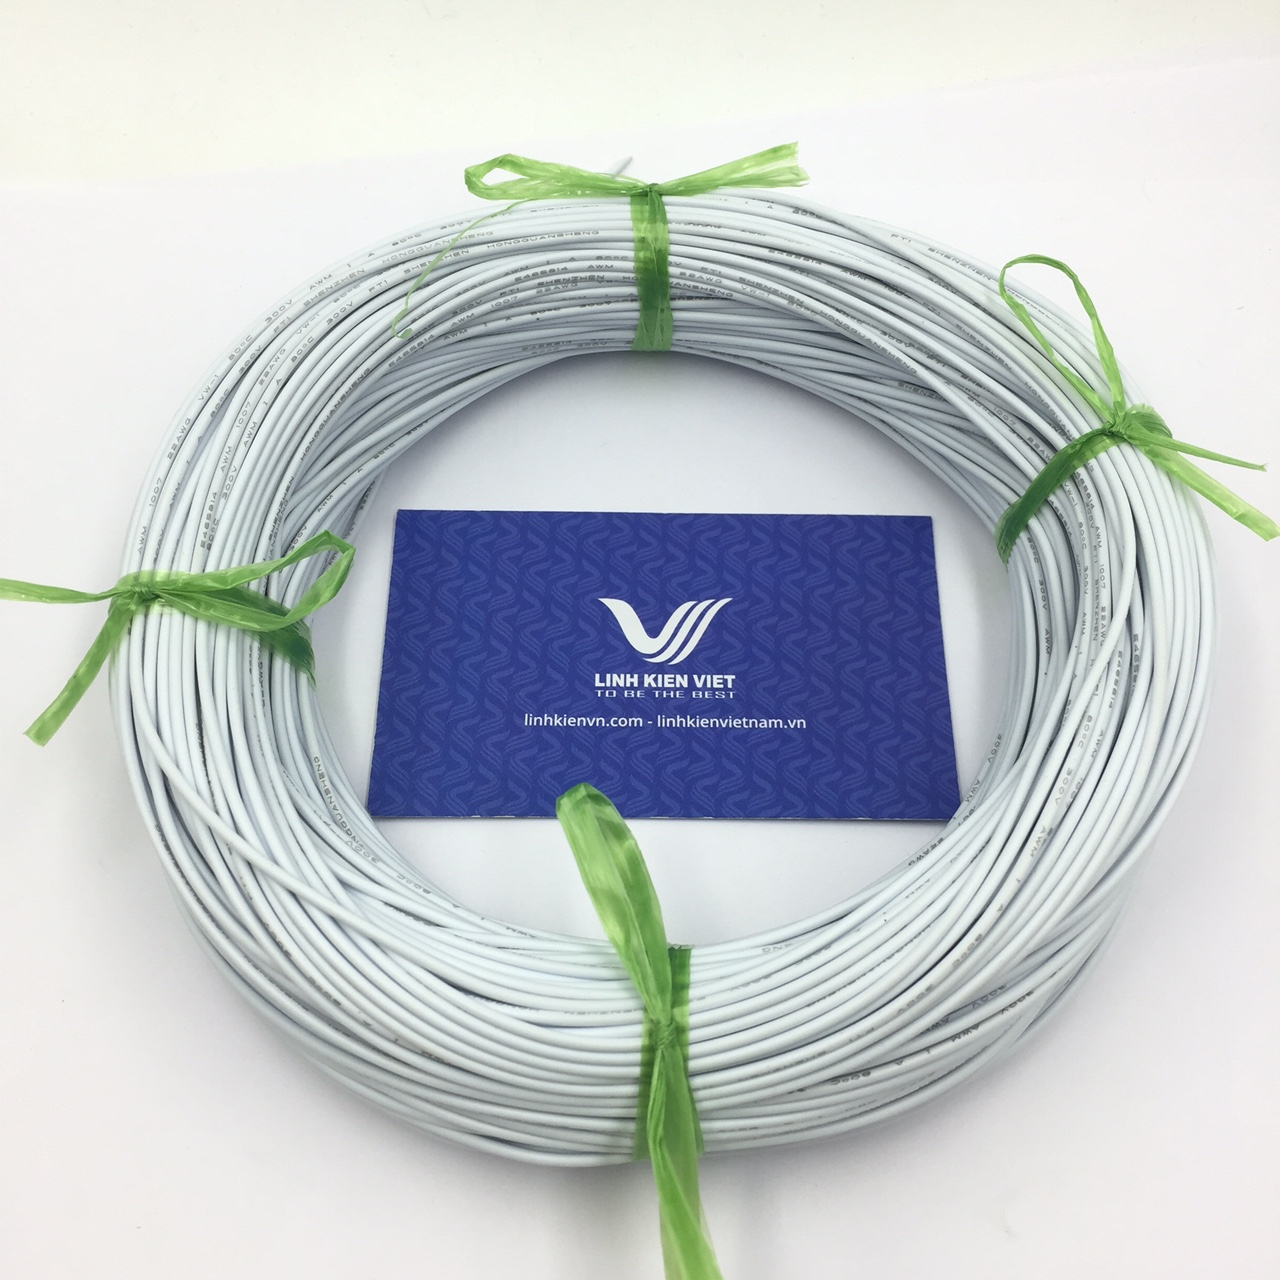 Cuộn dây điện 100m UL 1007 22AWG - màu trắng